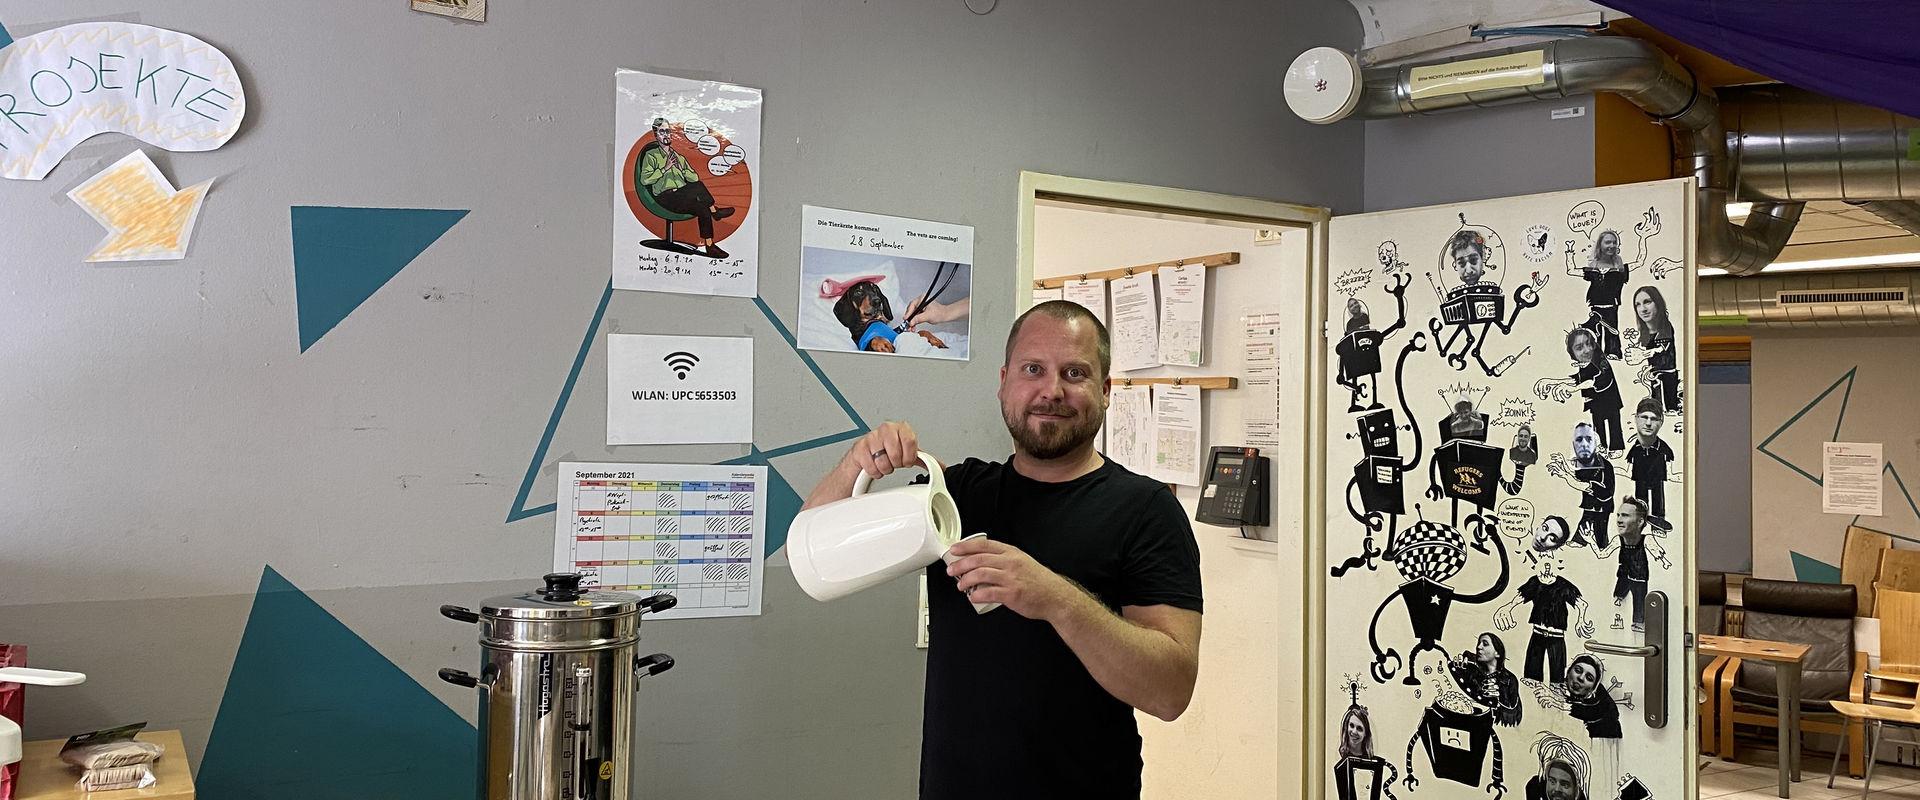 Teamleiter Florian Rossmann schenkt den ersten Kaffee des Tages ein.